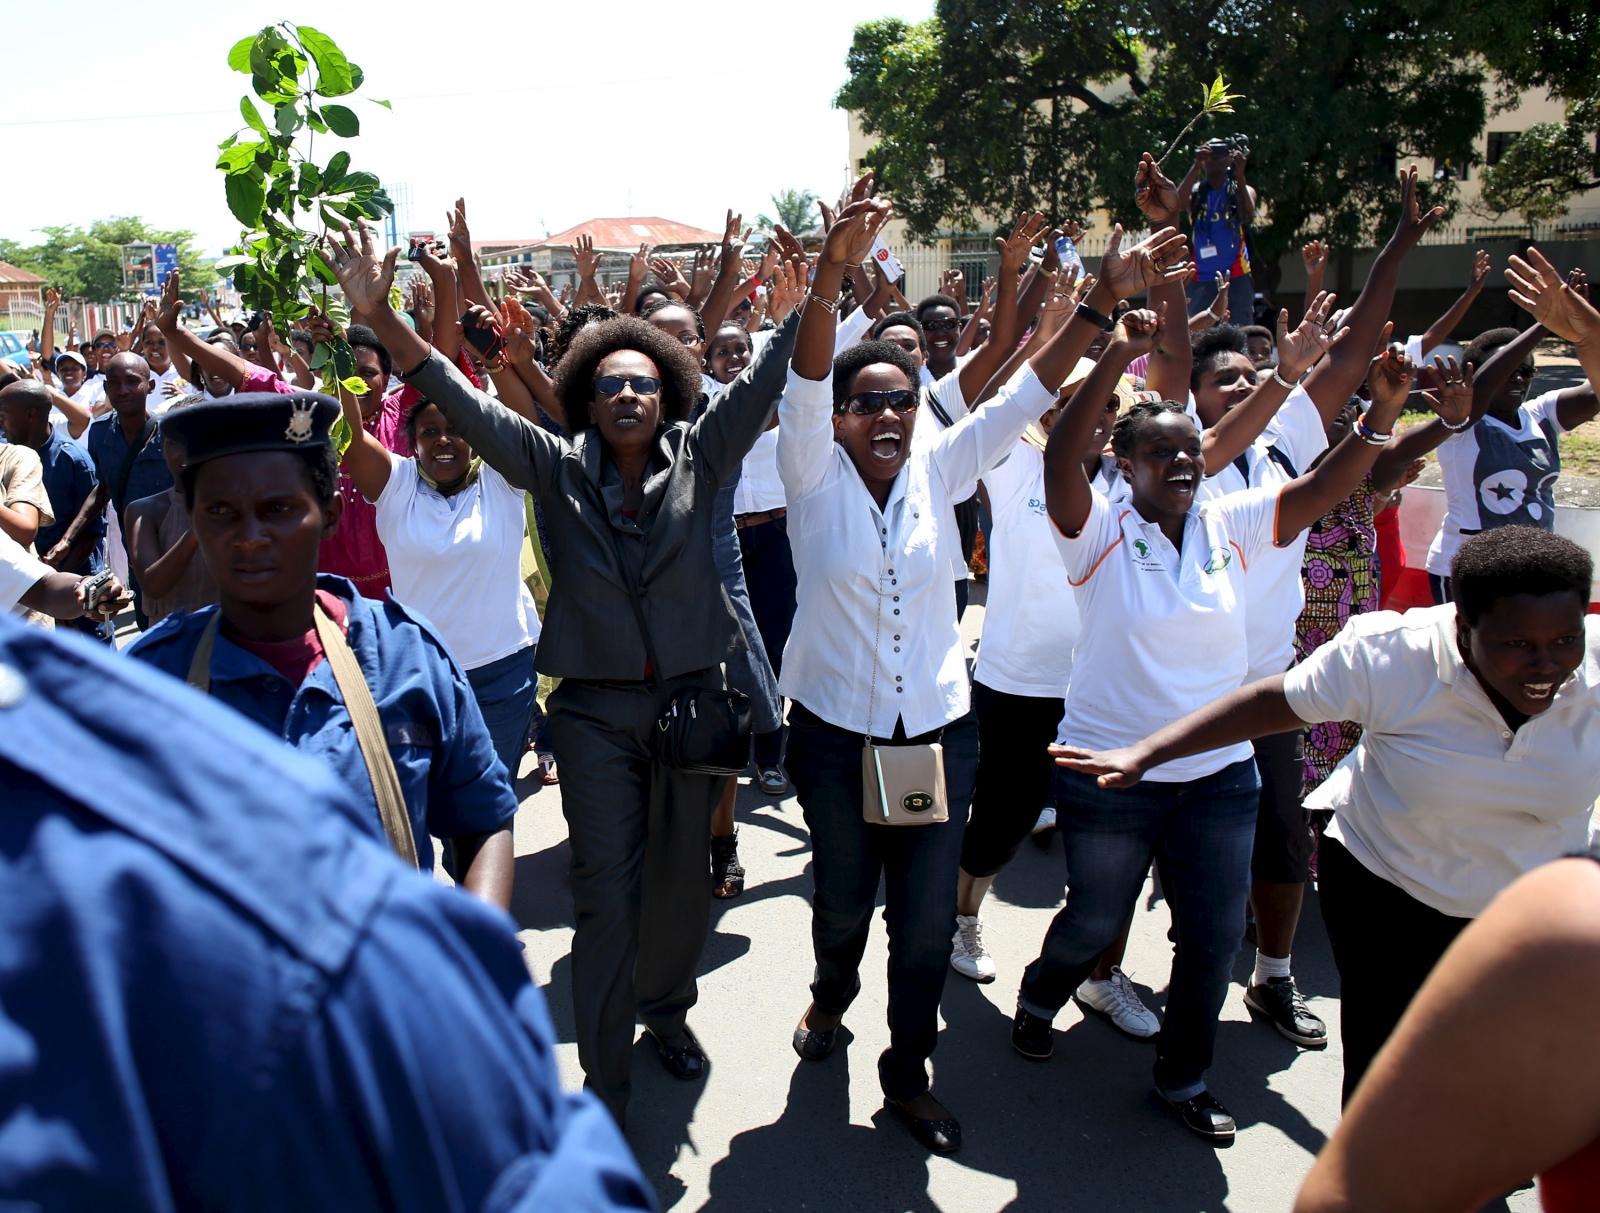 Burundi women's march